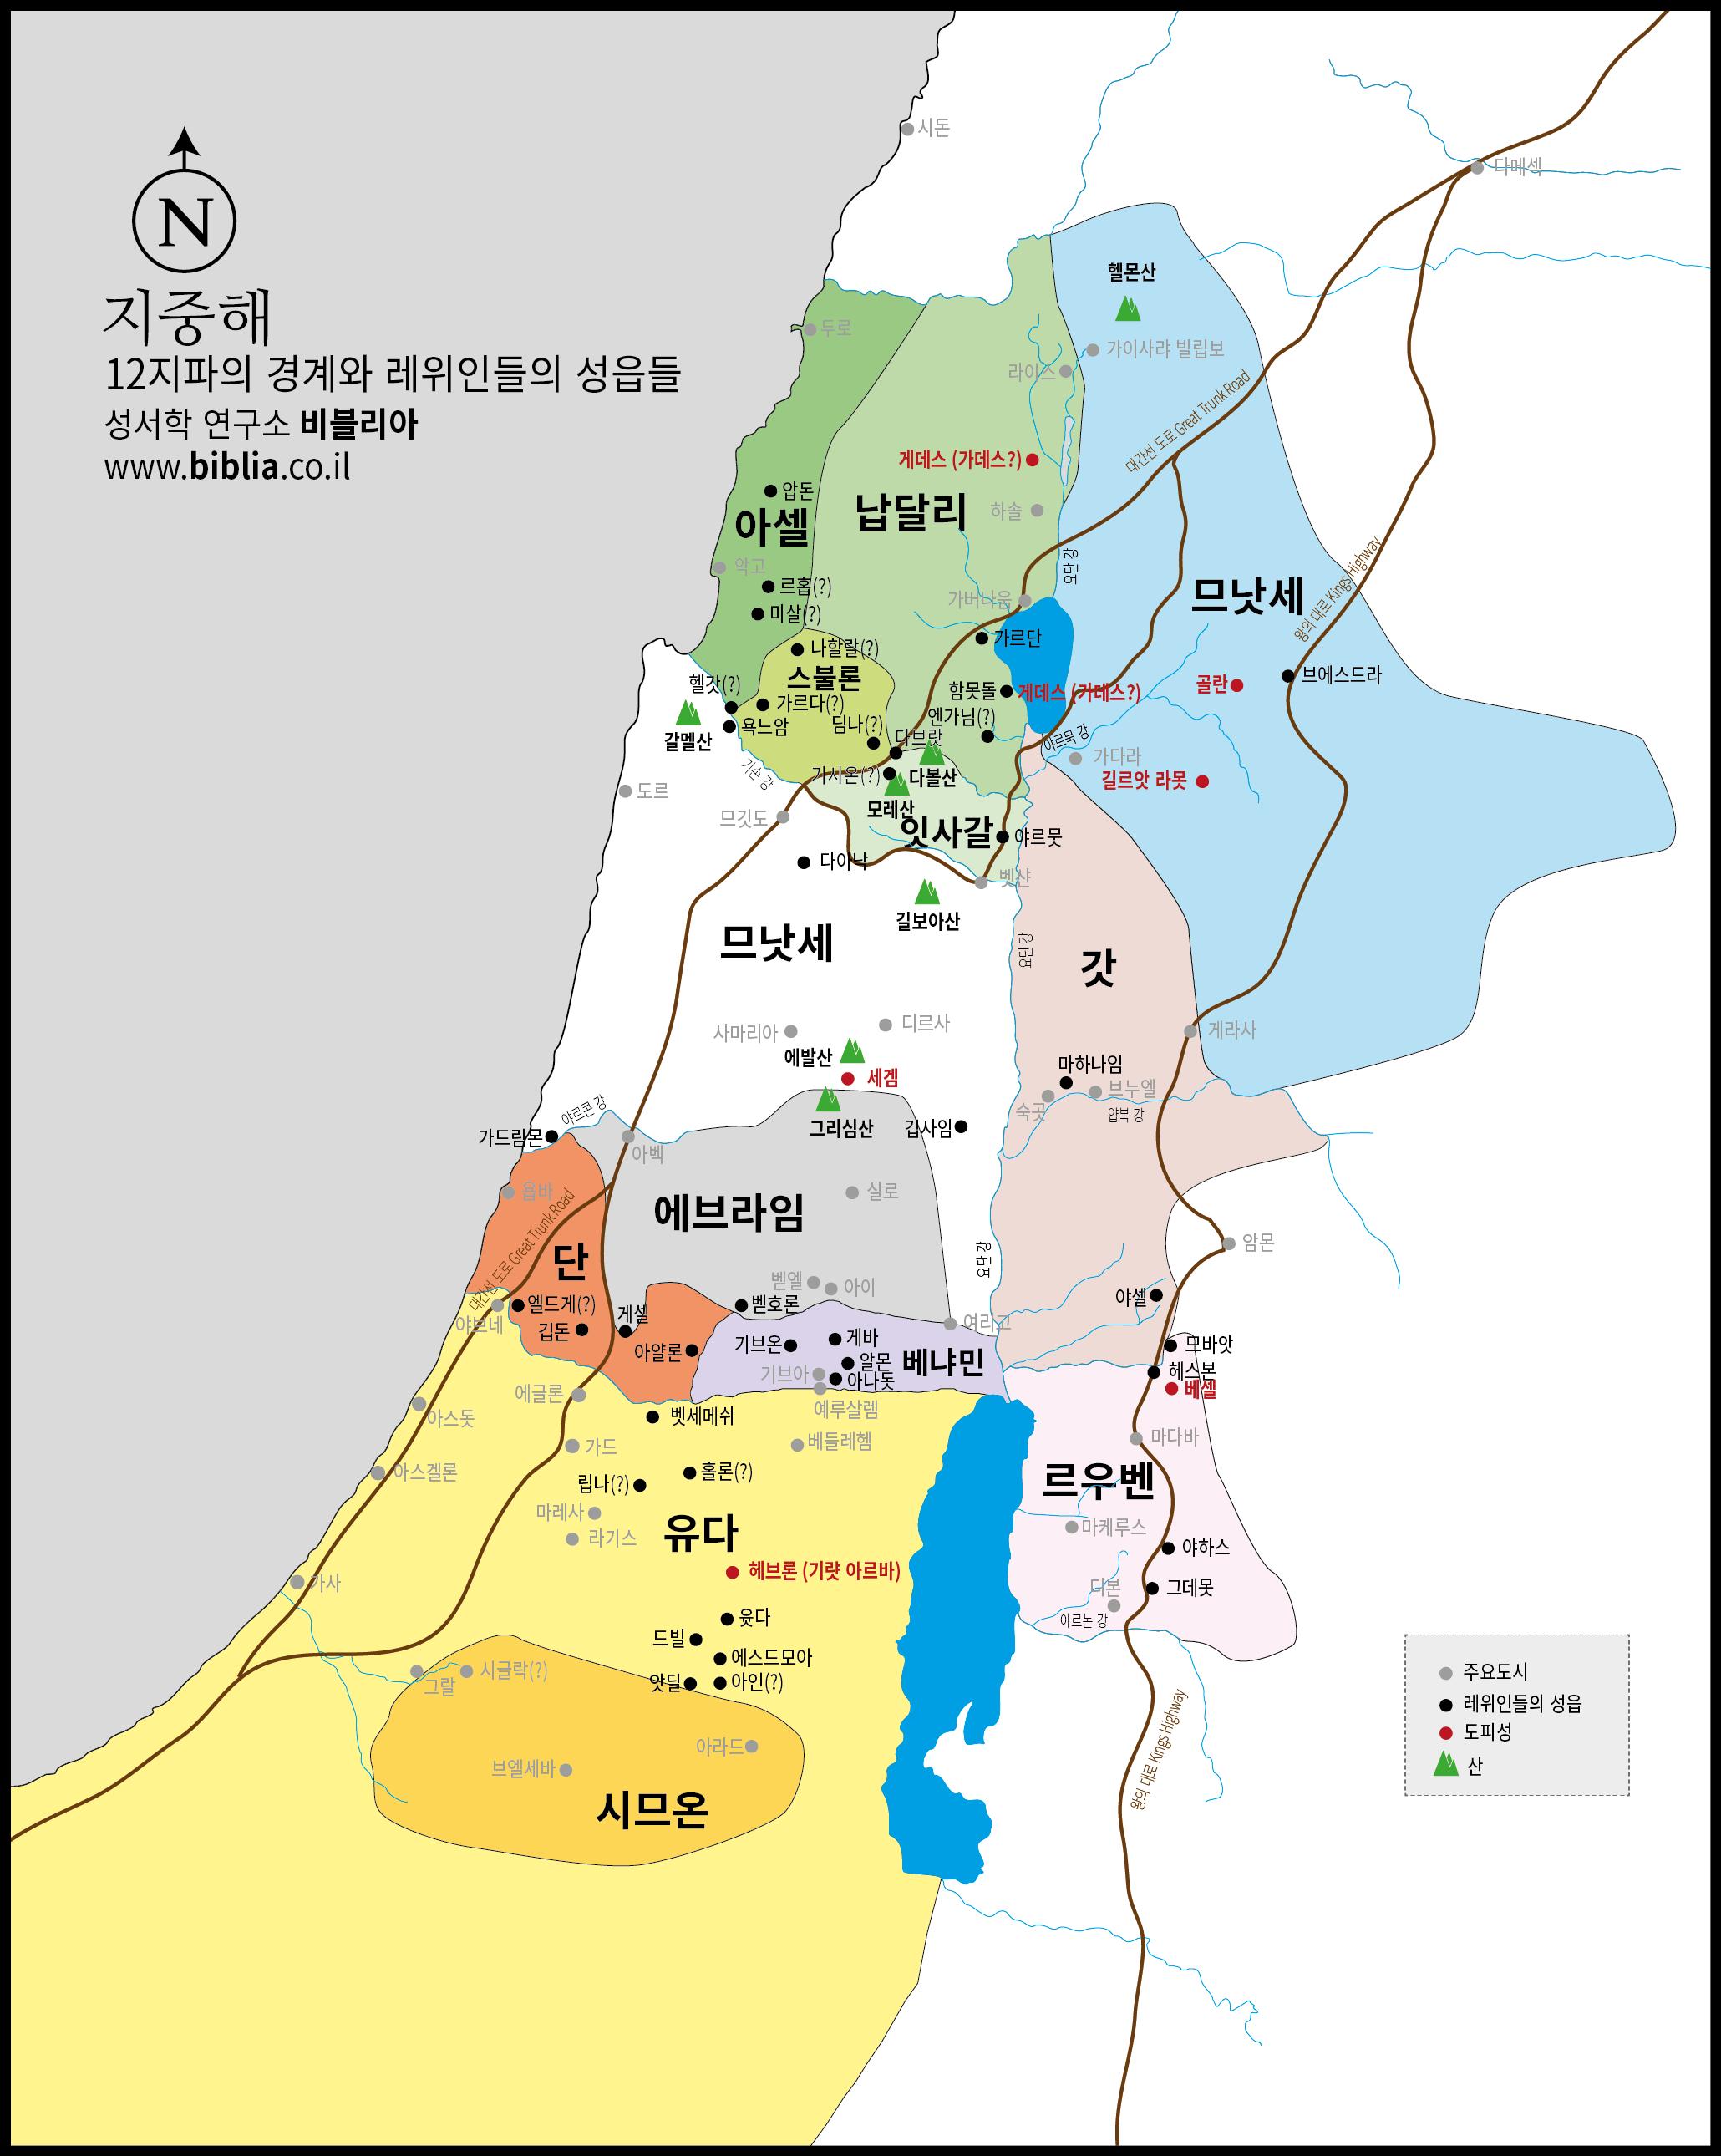 레위인들의 성읍과 도피성